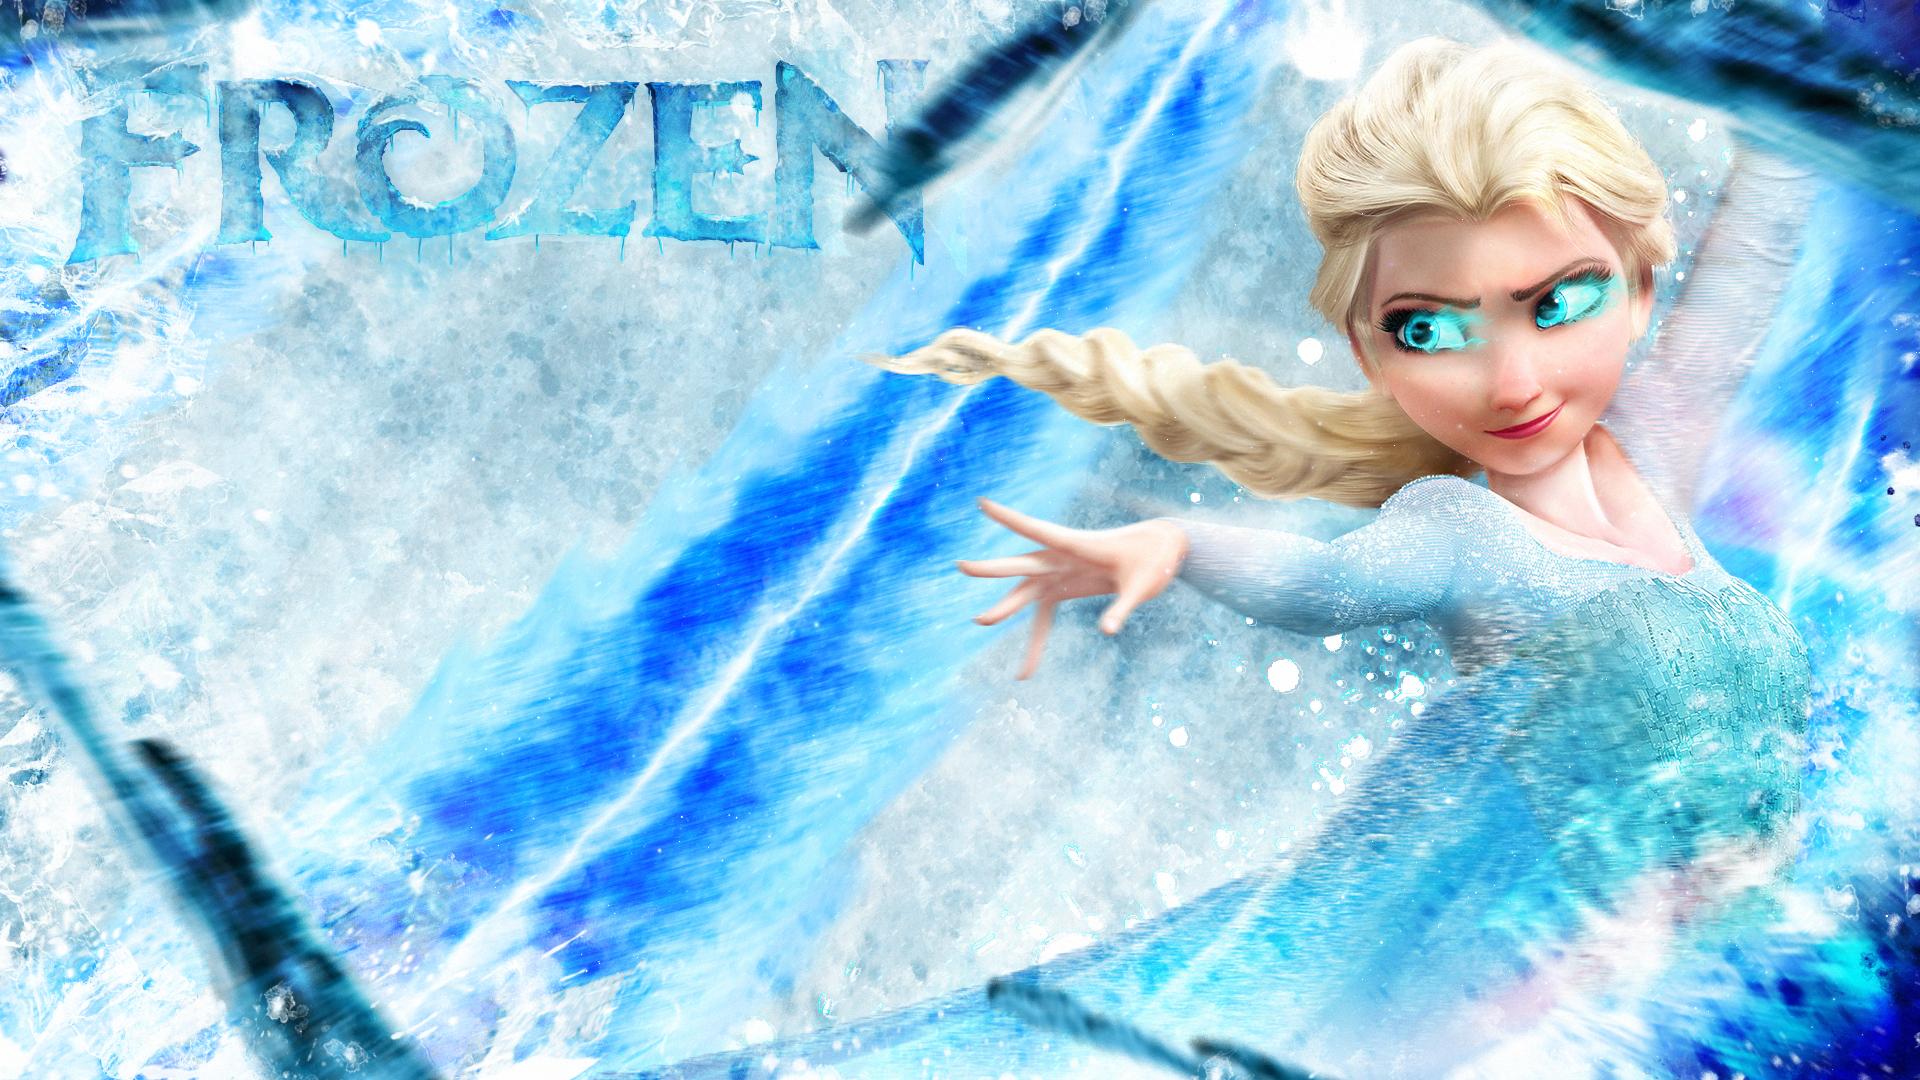 frozen movie wallpaper 1920x1080 - photo #10